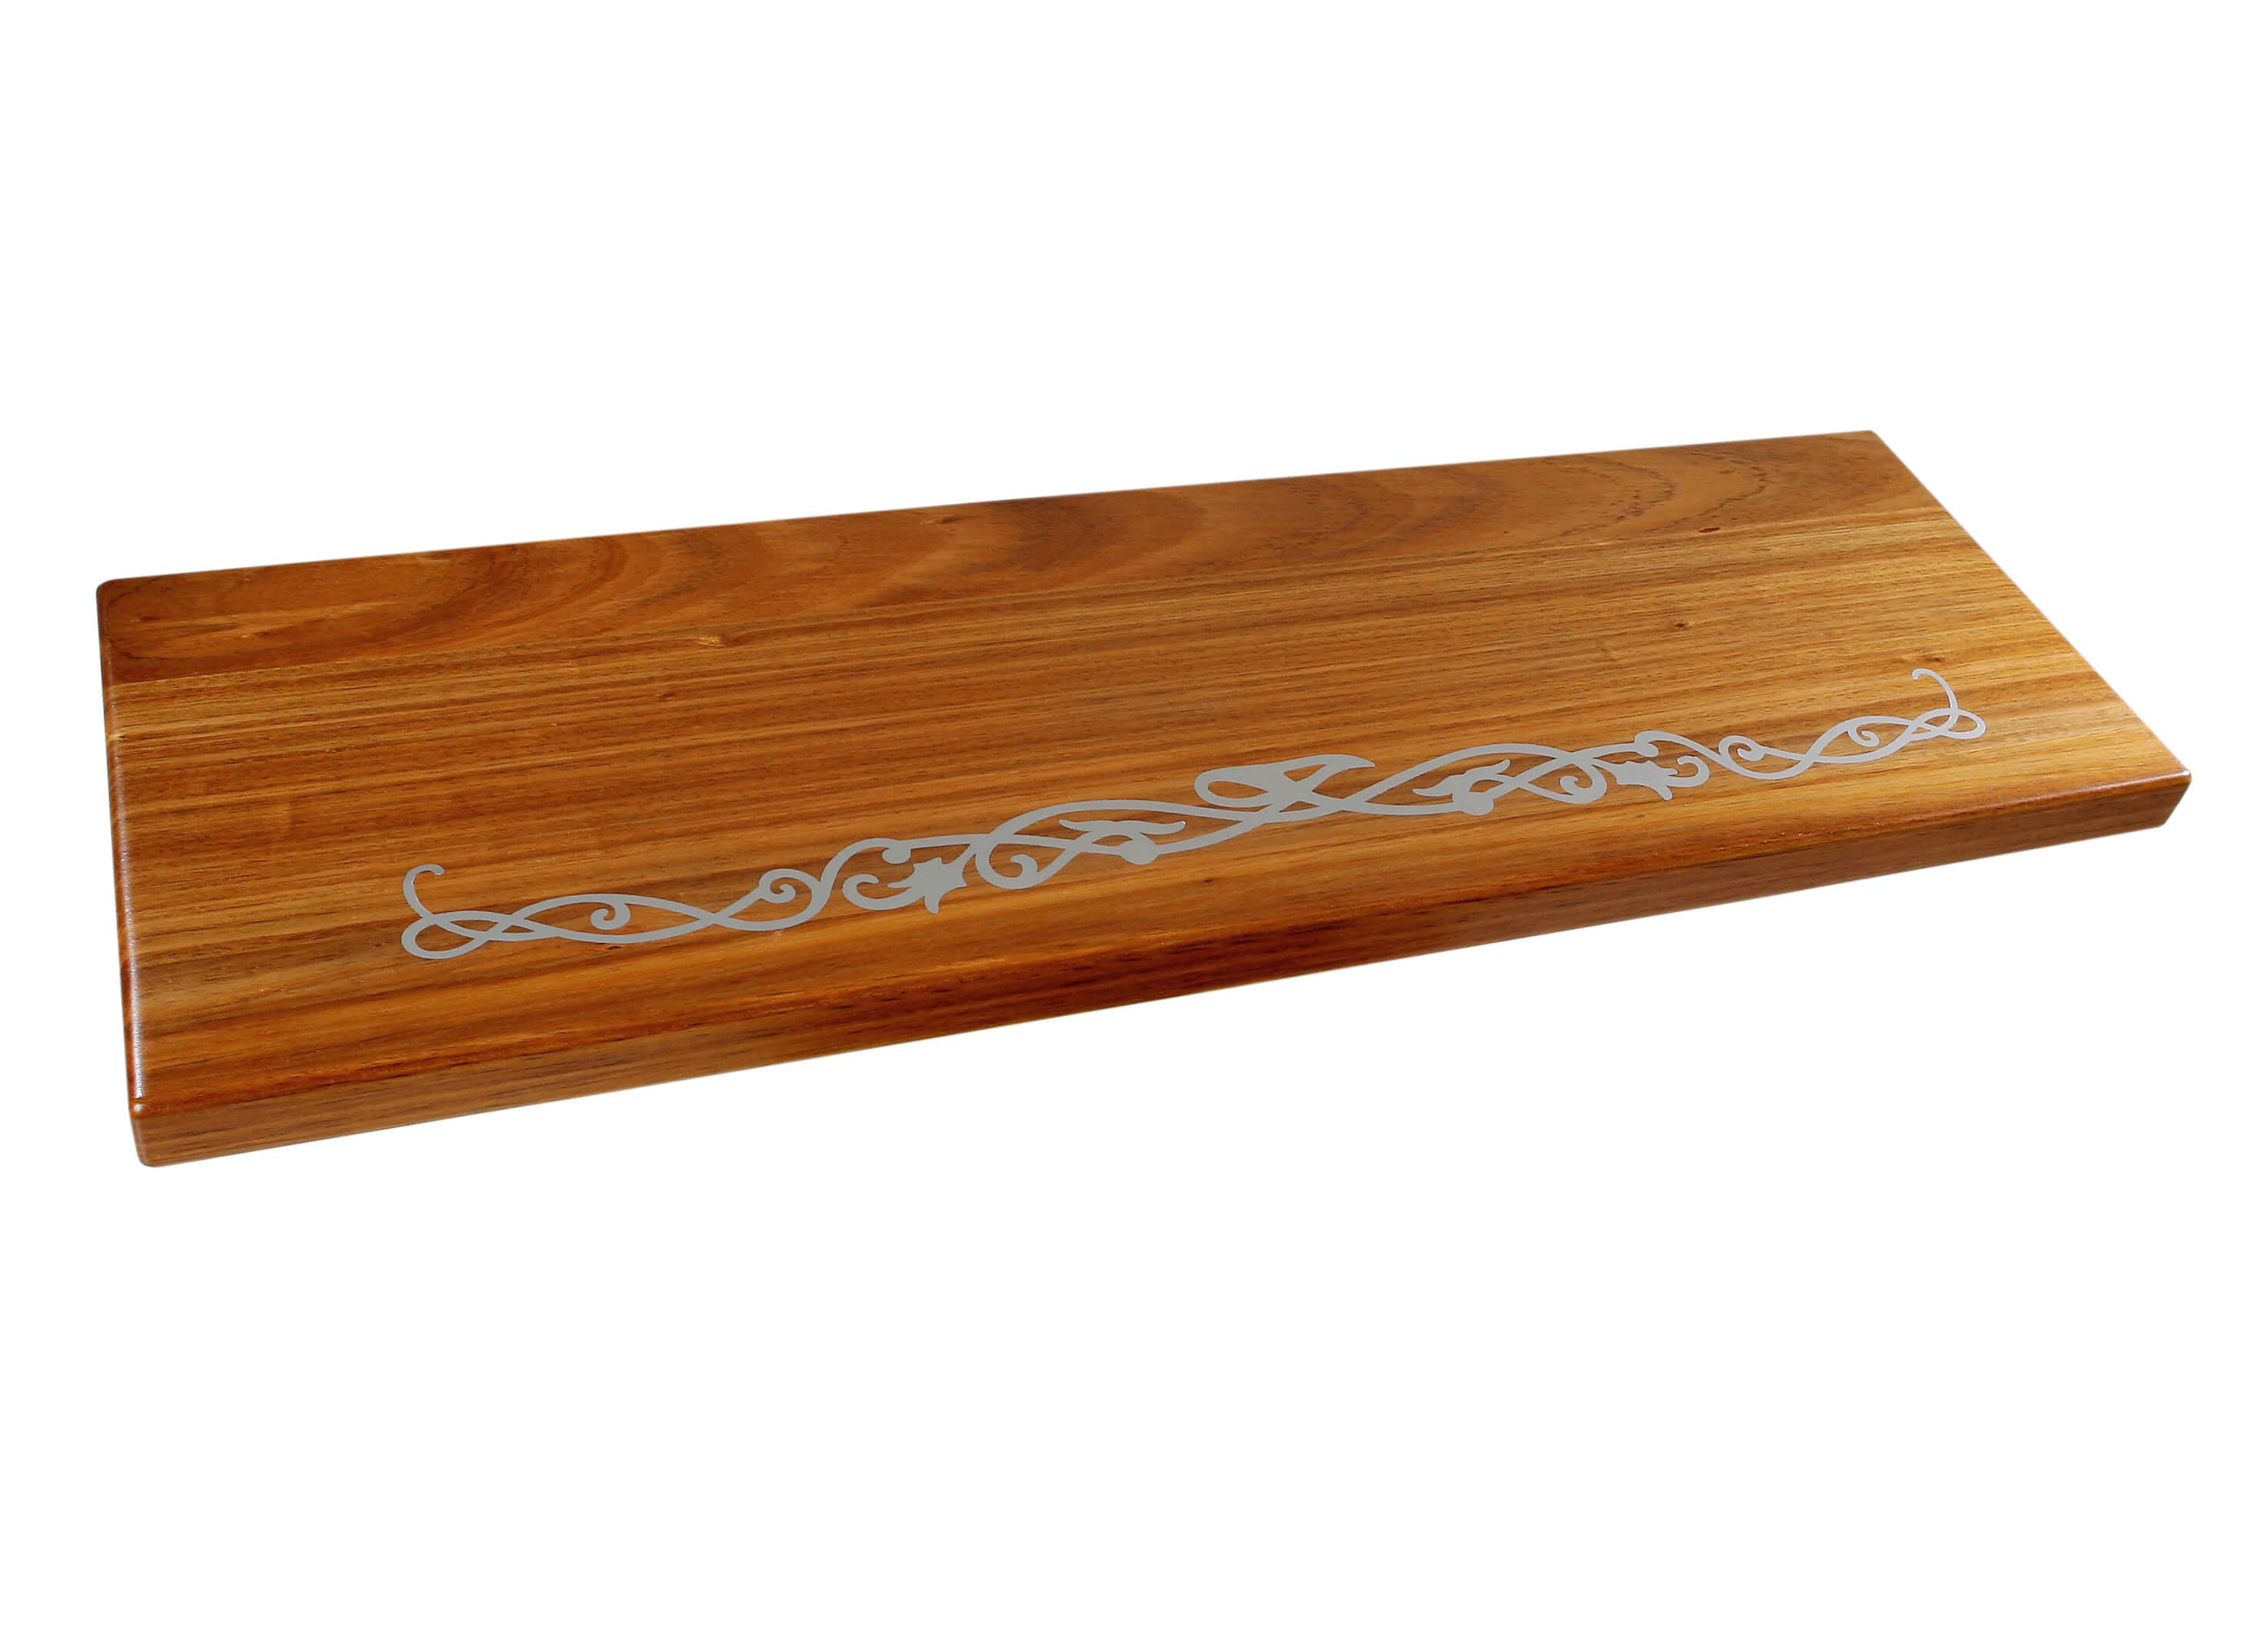 STREGER-Massivholztreppen-Intarsien-motiv-ganze-breite